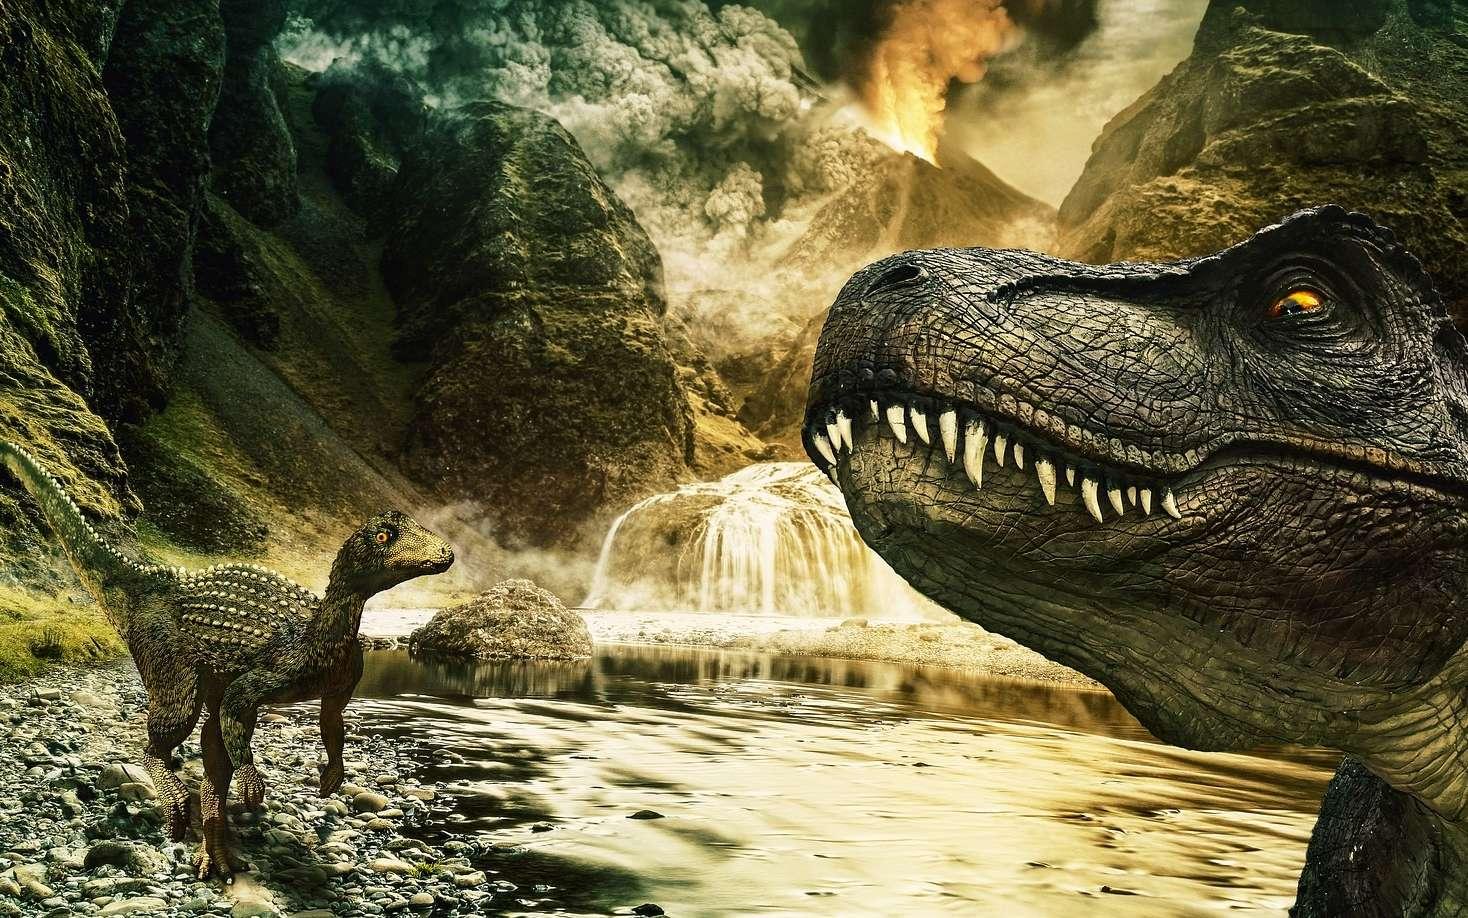 Le jurassique est la période correspondant à l'apogée des dinosaures. © Papafox, Pixabay, CC0